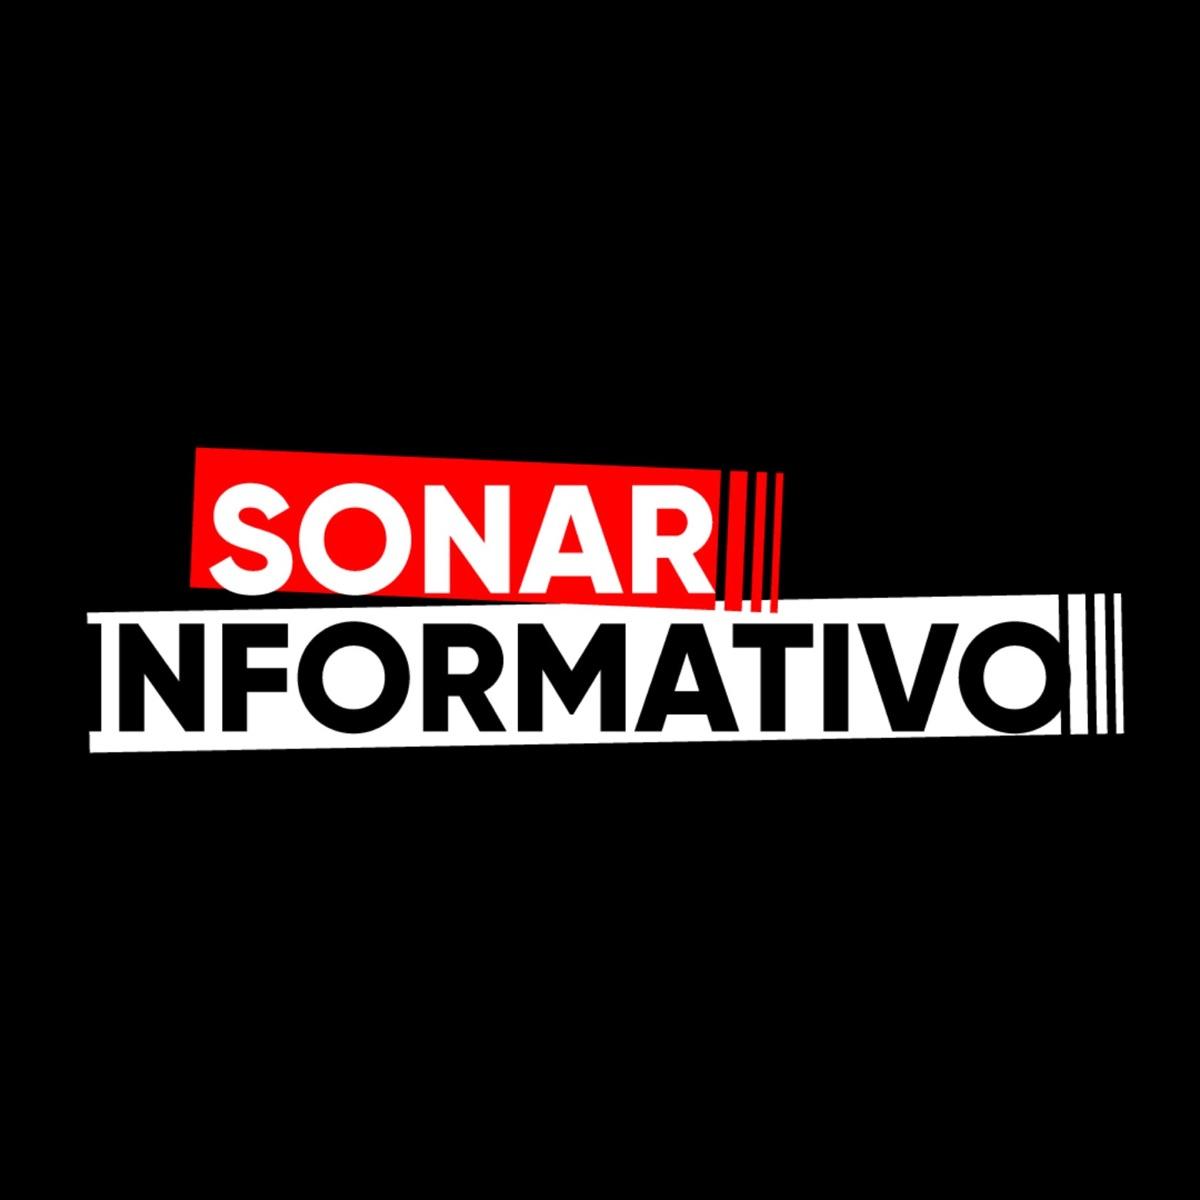 Sonar Informativo